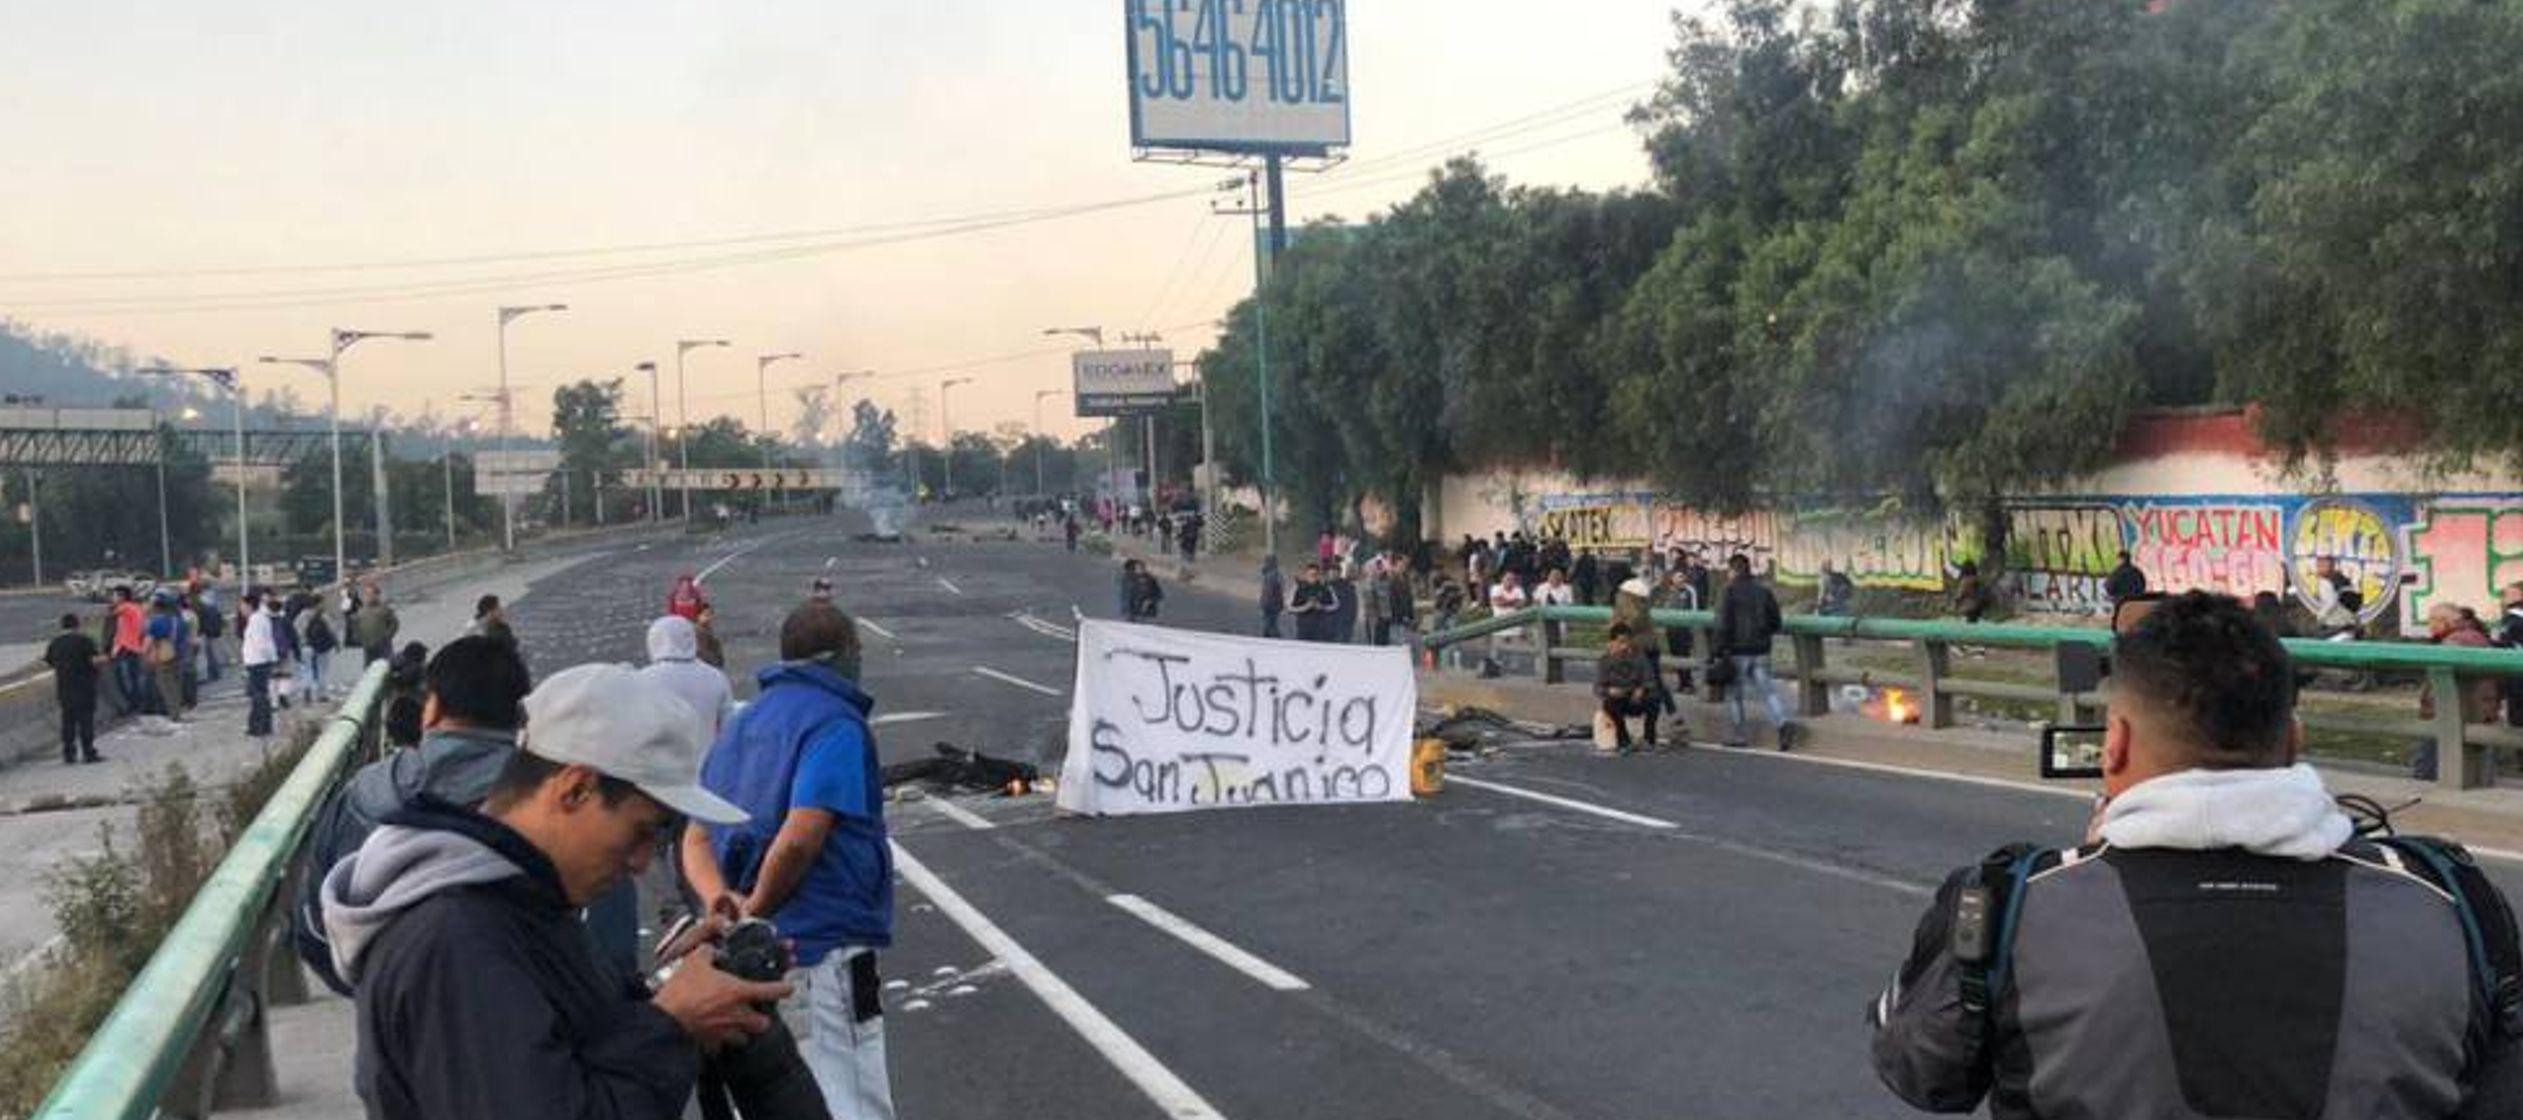 La Policía Federal mexicana choca con vecinos al desalojar una carretera bloqueada durante 19 horas